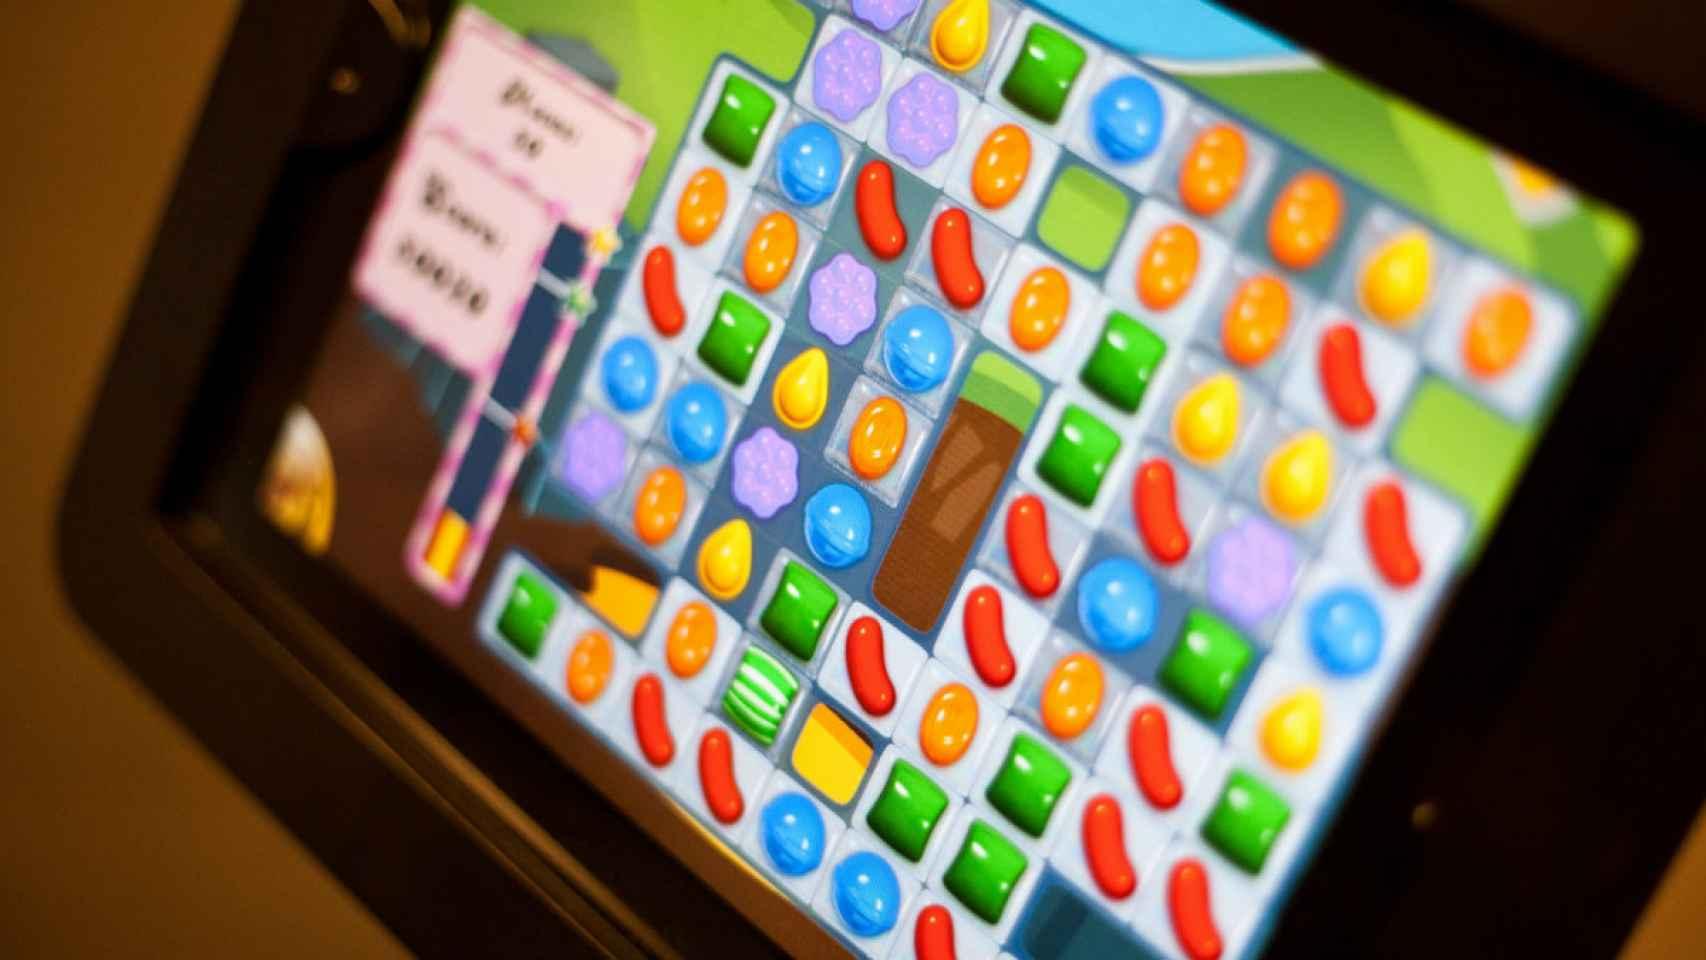 La milmillonaria venta de Candy Crush 'sacude' los juegos móviles